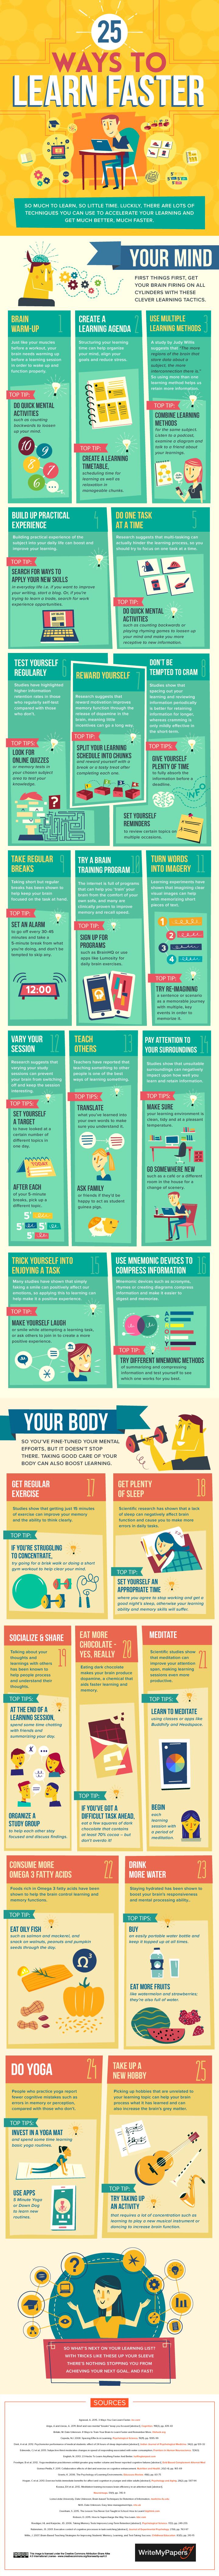 25 formas de aprender más rápidamente #infografia #infographic #education